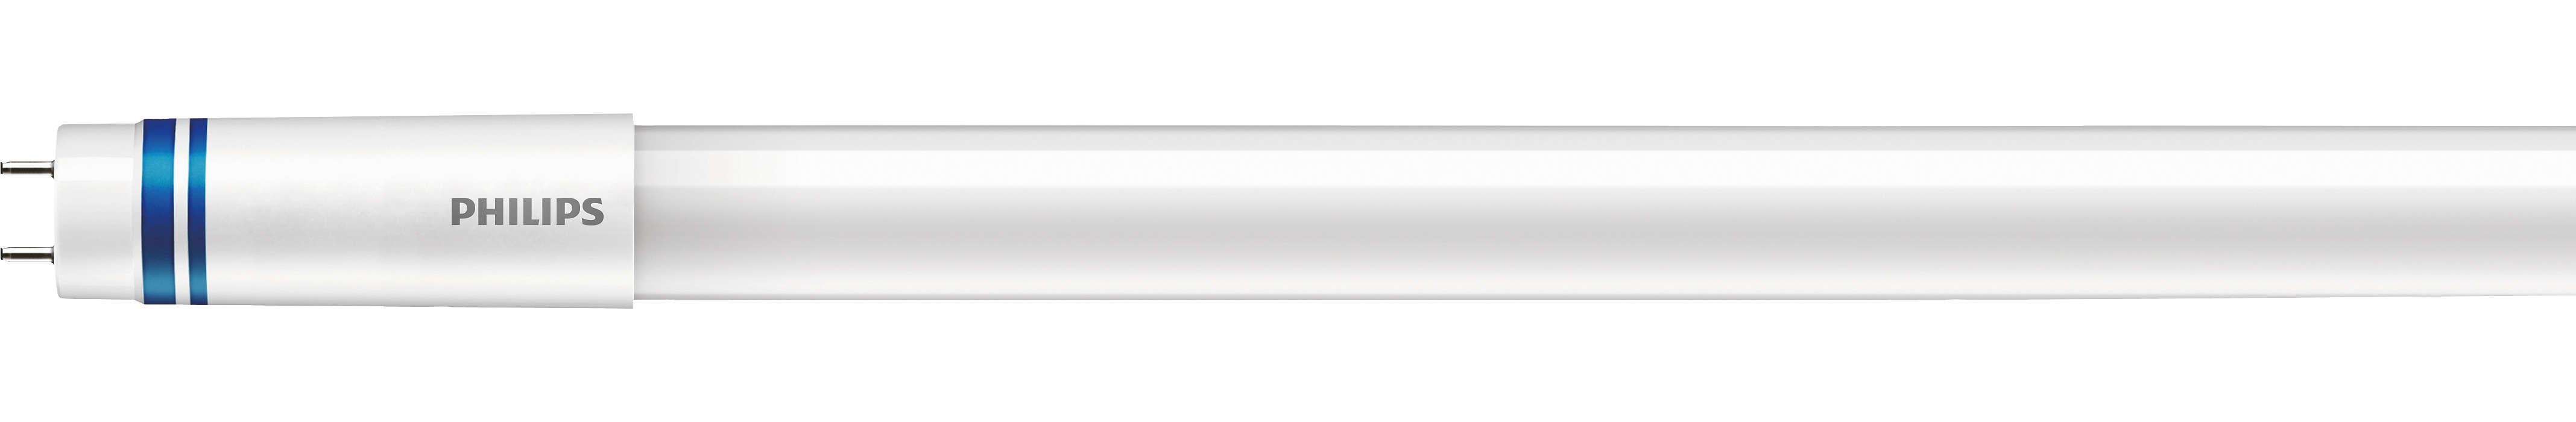 Nowa generacja energooszczędnego oświetlenia świetlówkowego